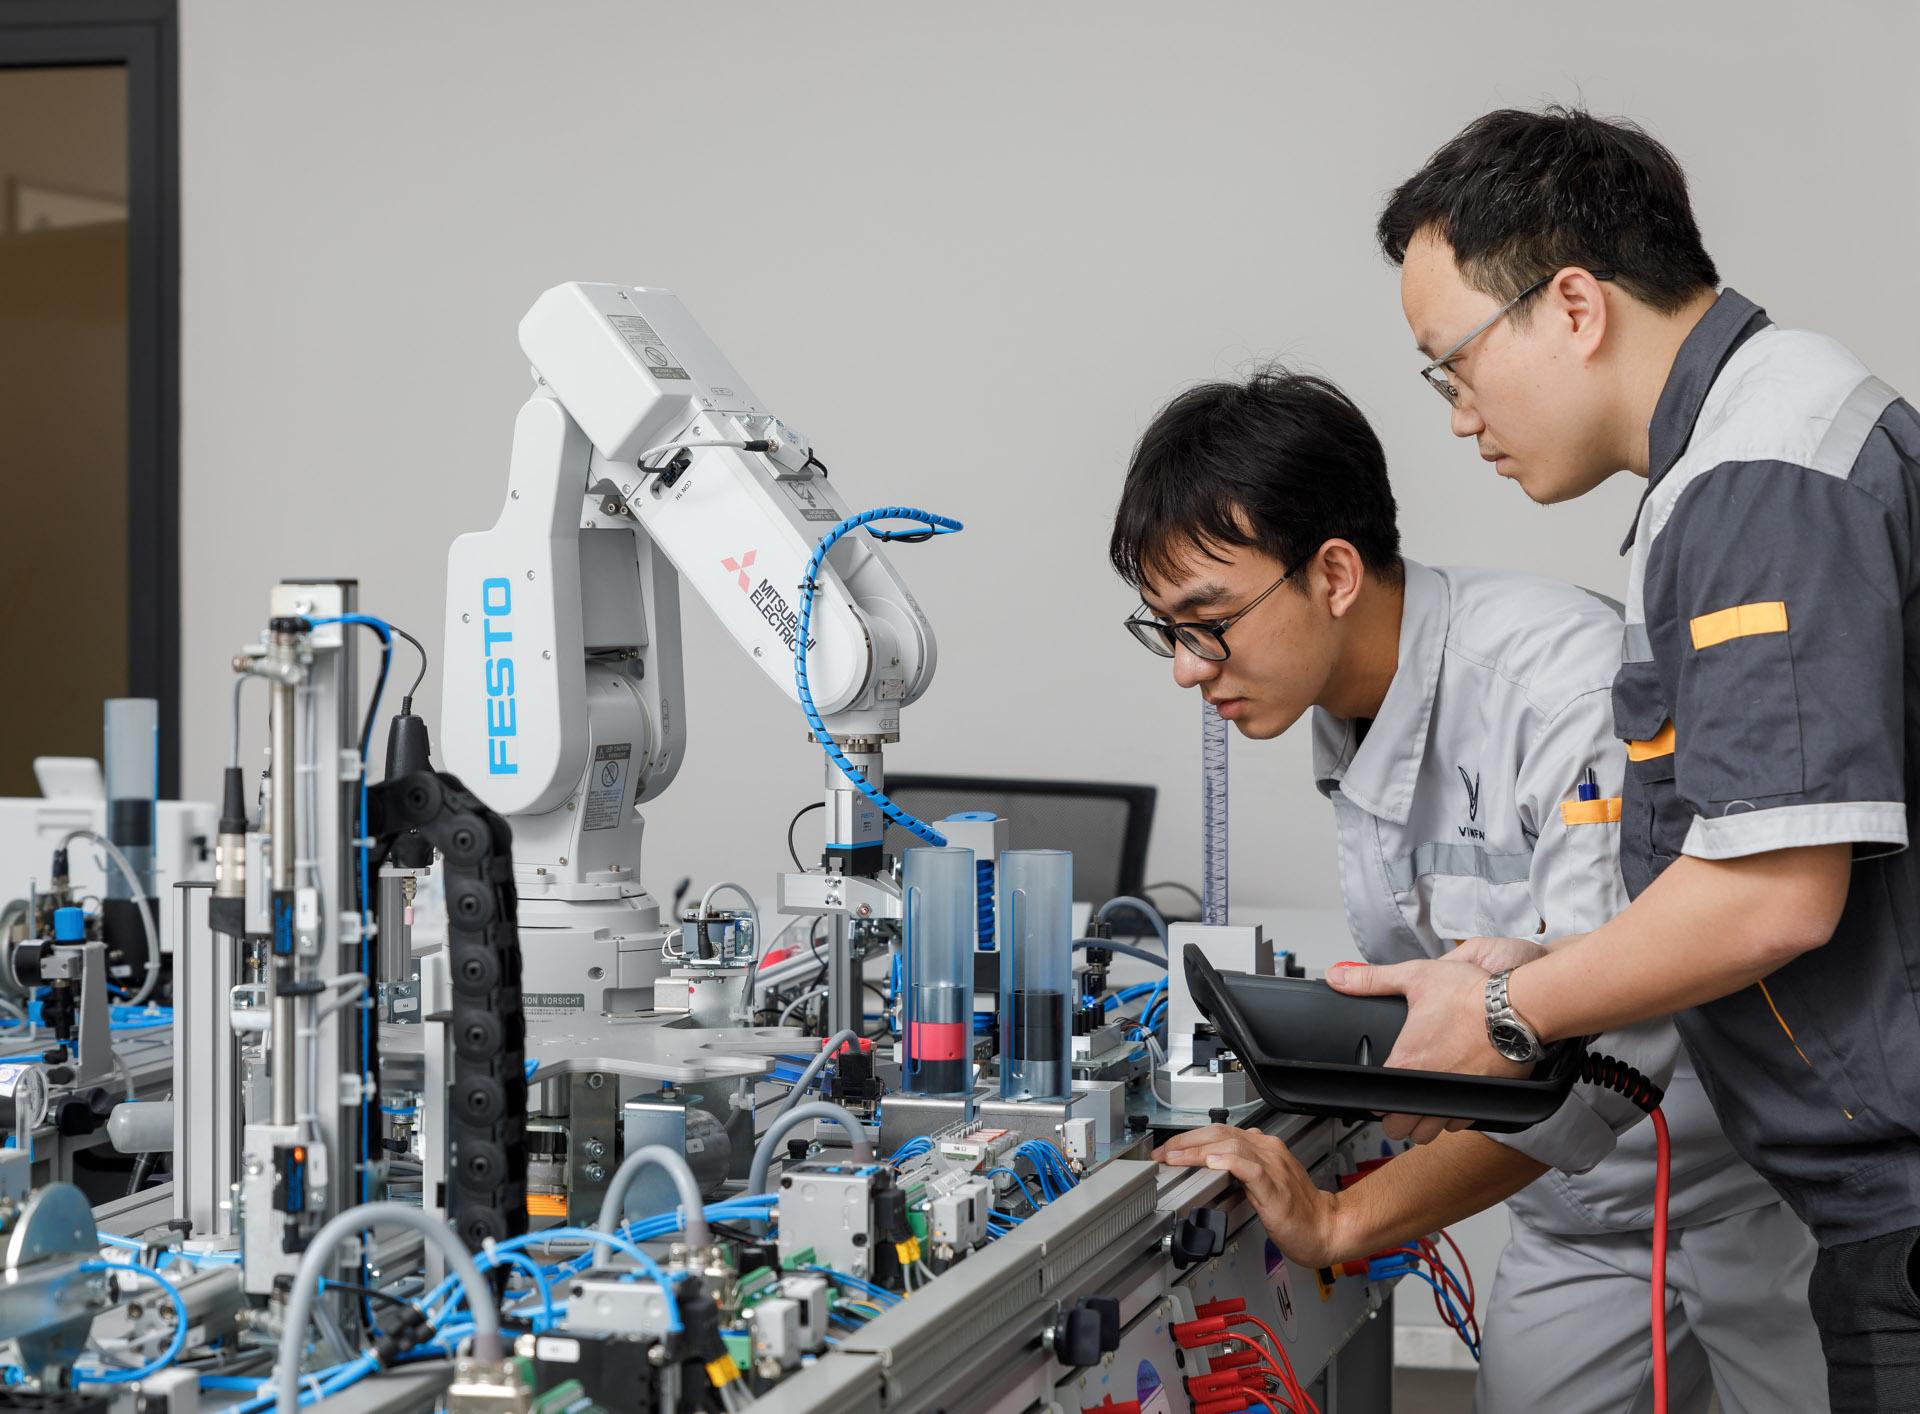 VinFast hợp tác đào tạo cao đẳng chuyên ngành cơ điện tử và kỹ thuật ô tô  - ảnh 1